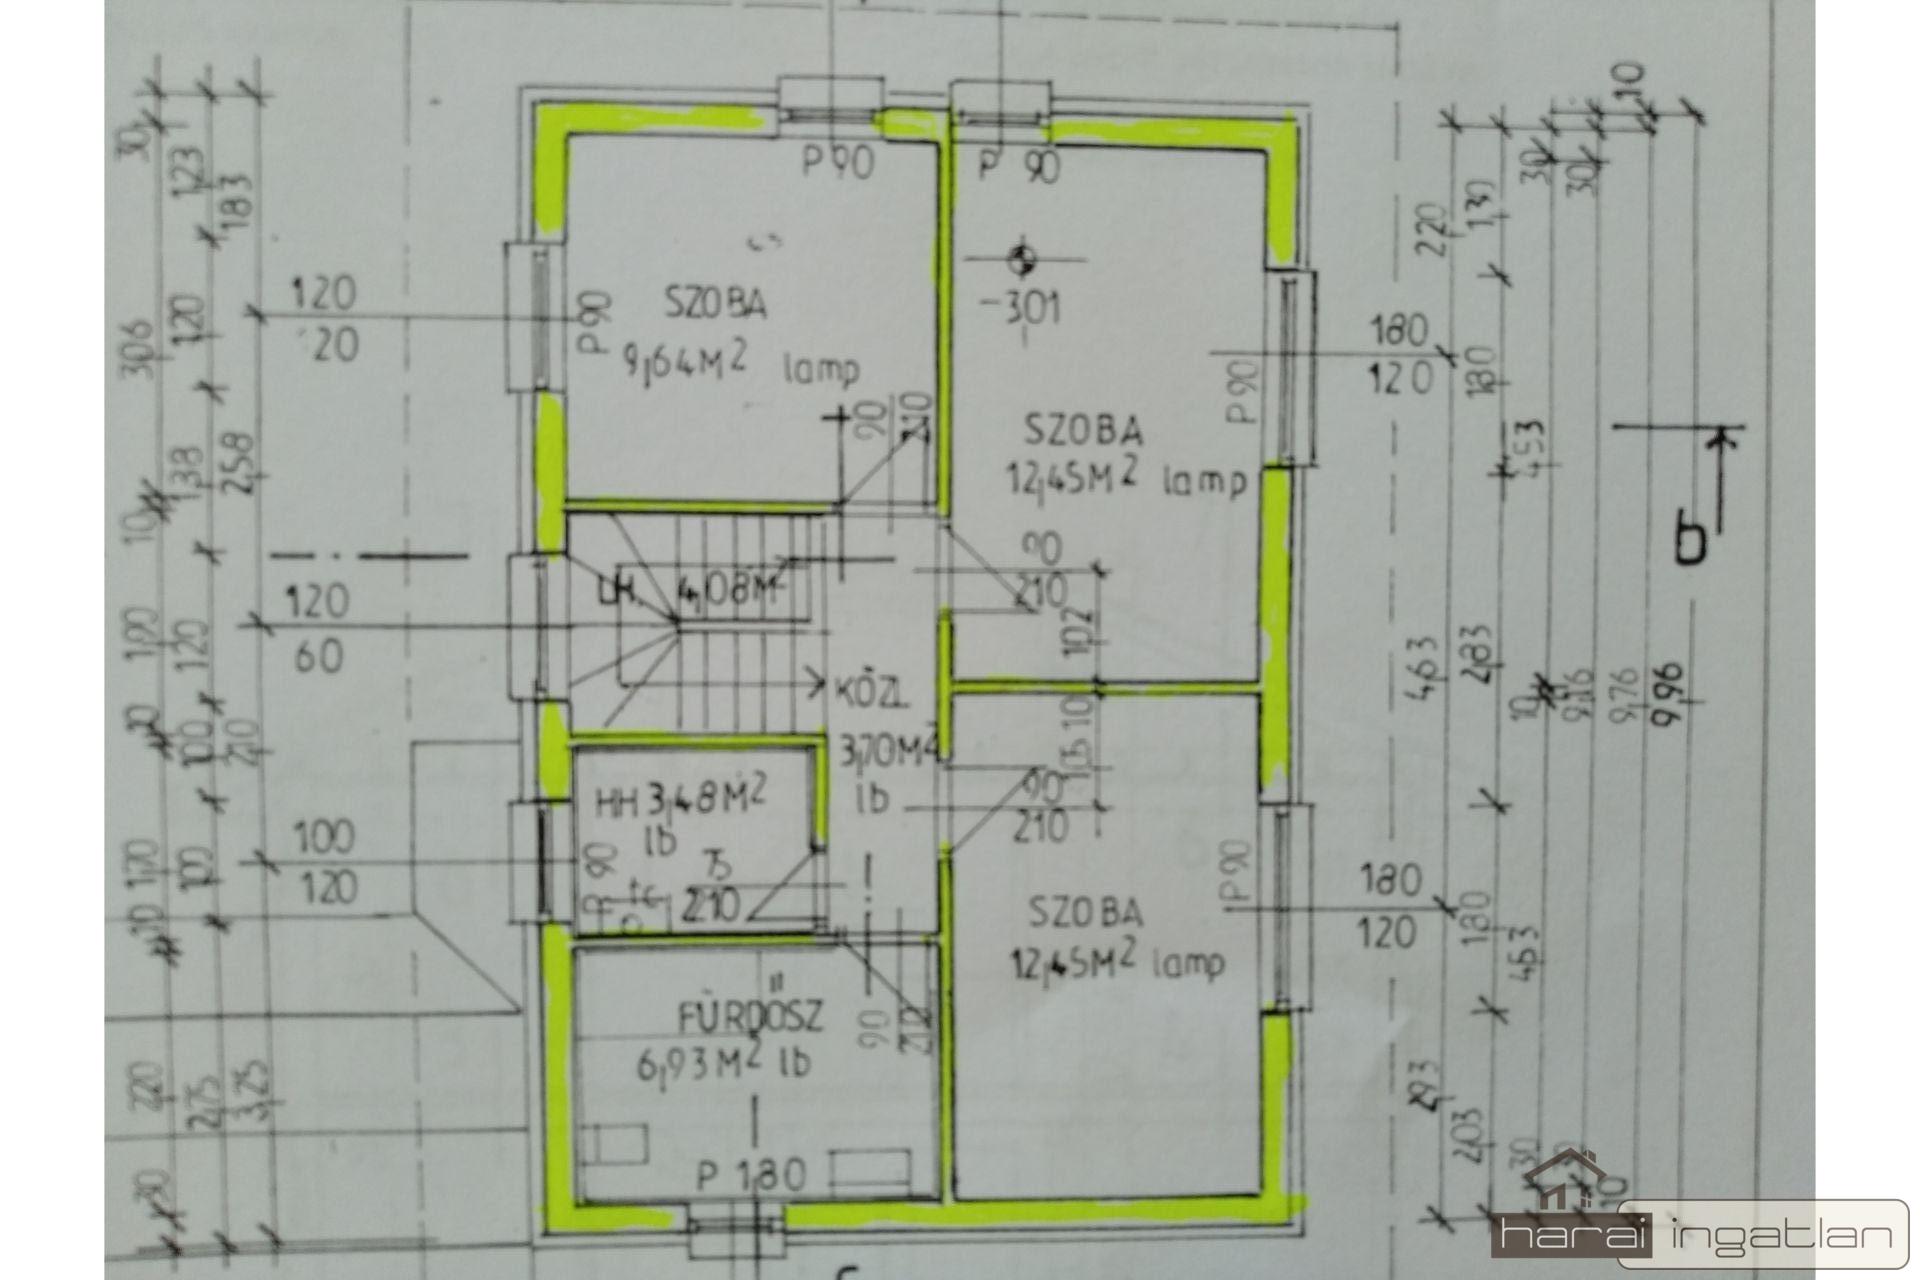 2151 Fót Eladó Ház (#01012020130A)